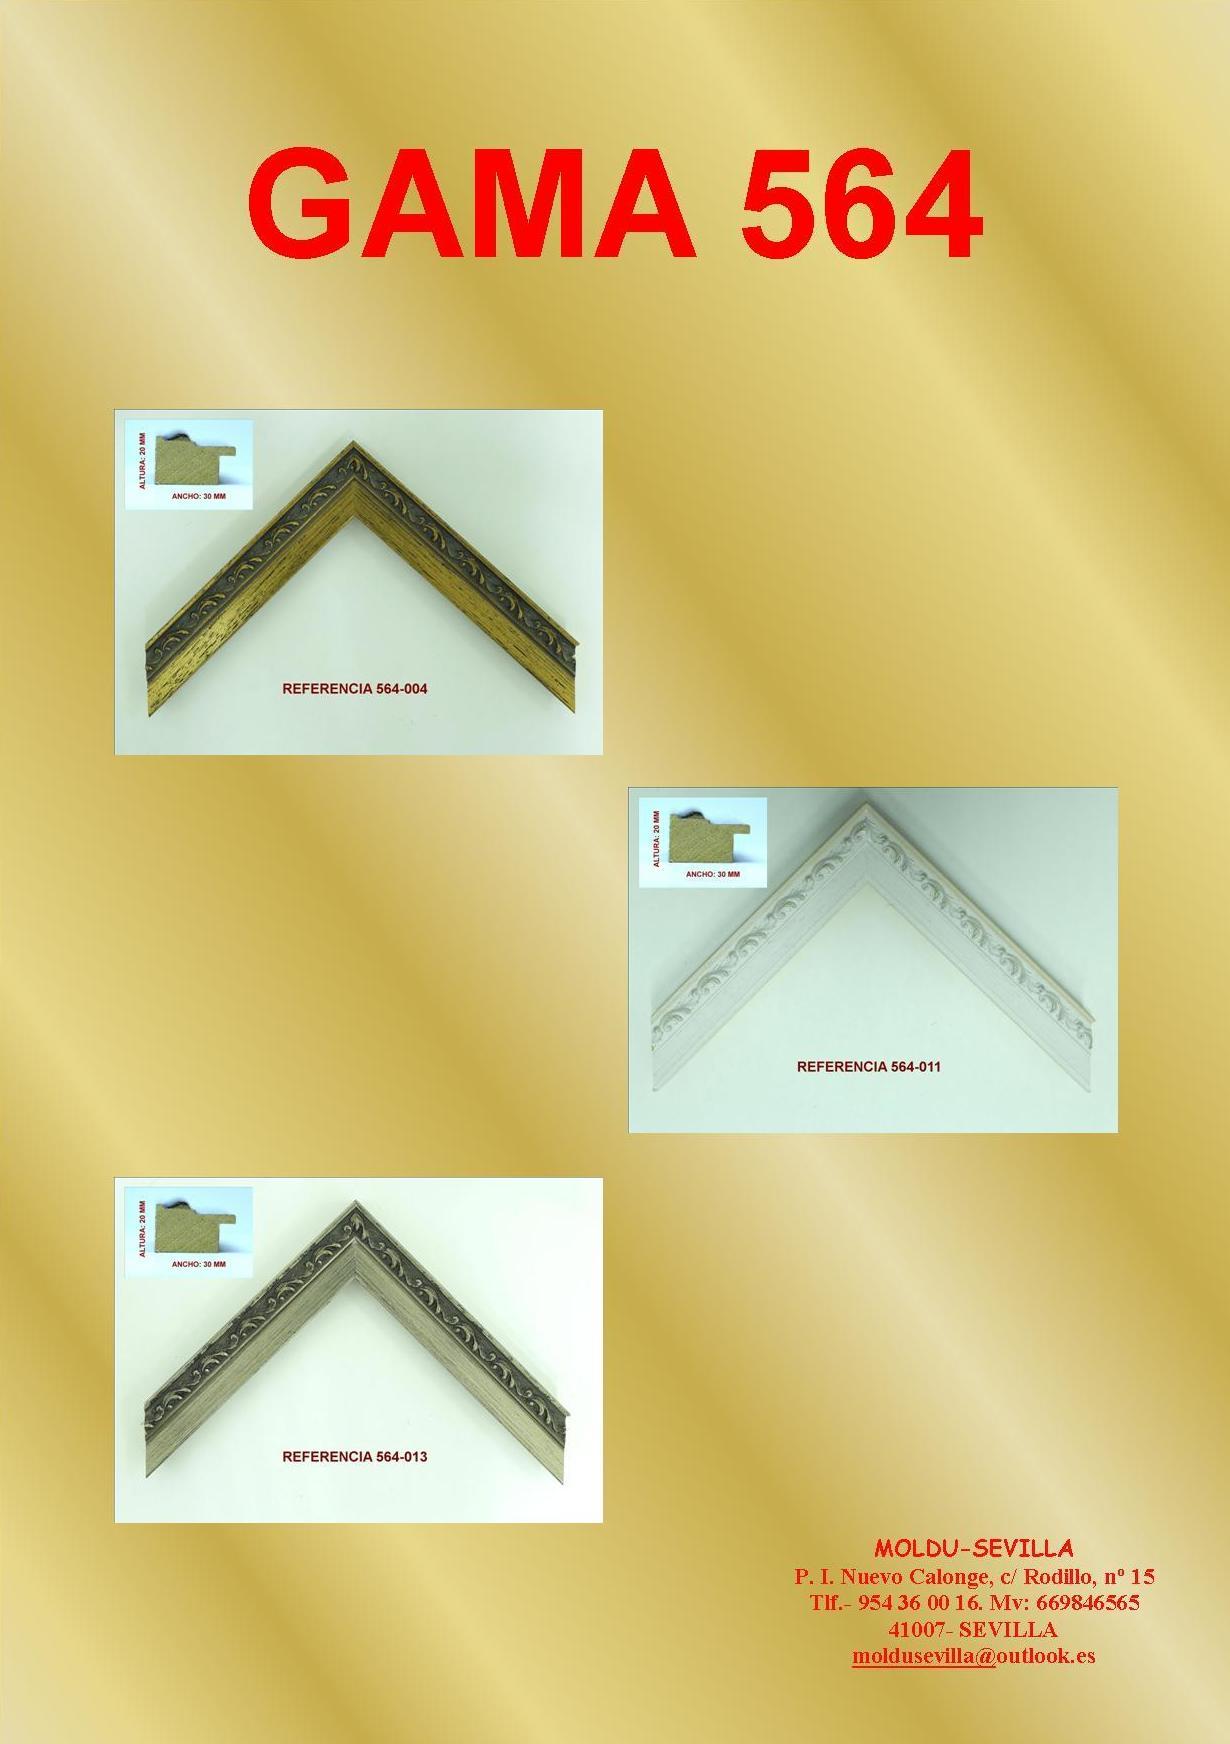 GAMA 564: Muestrario de Moldusevilla